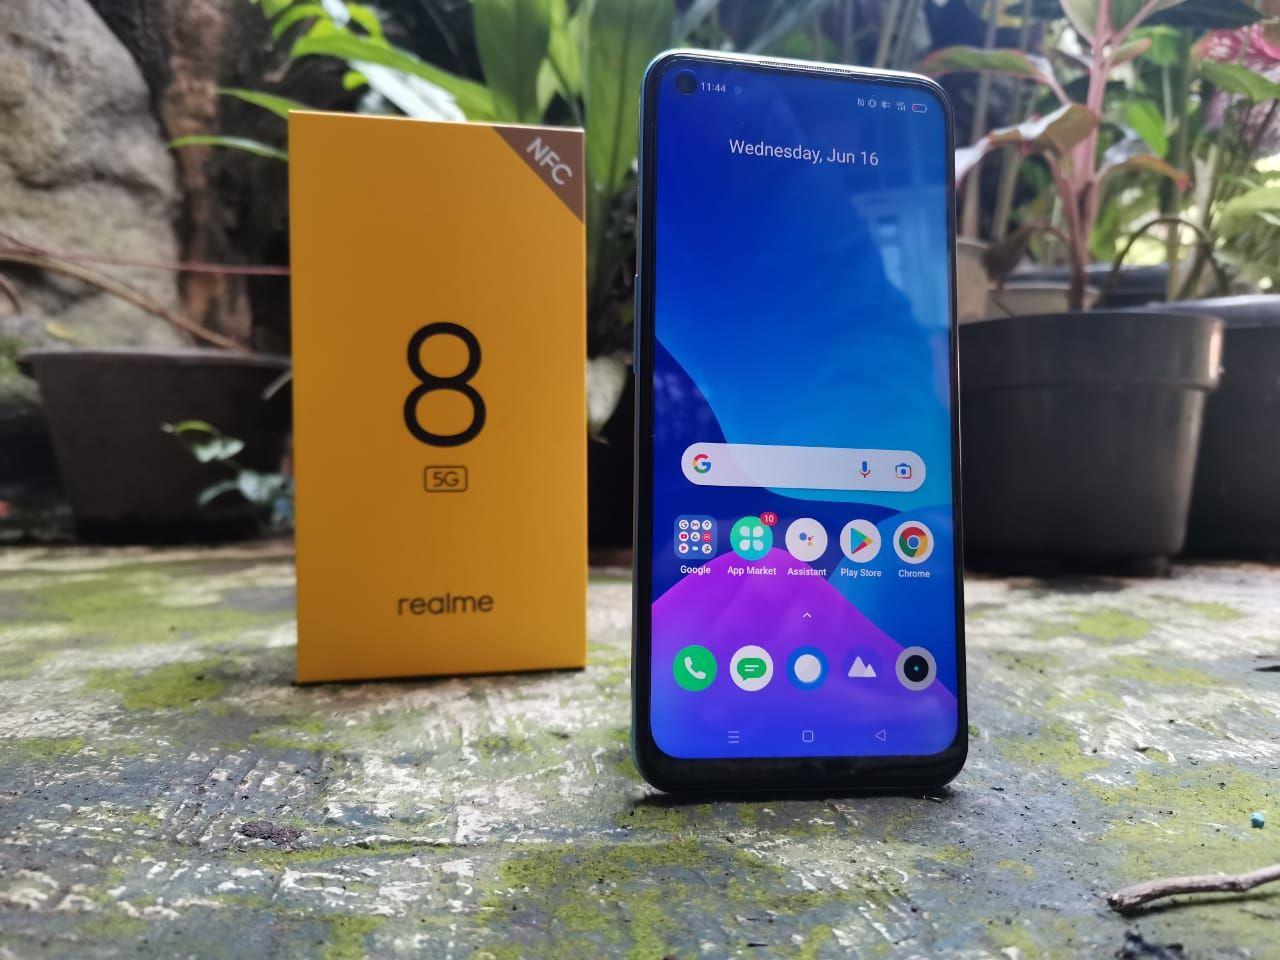 HP Realme 8 5G yang diluncurkan di Indonesia pada 16 Juni 2021. HP ini merupakan HP 5G dengan harga terjangkau.